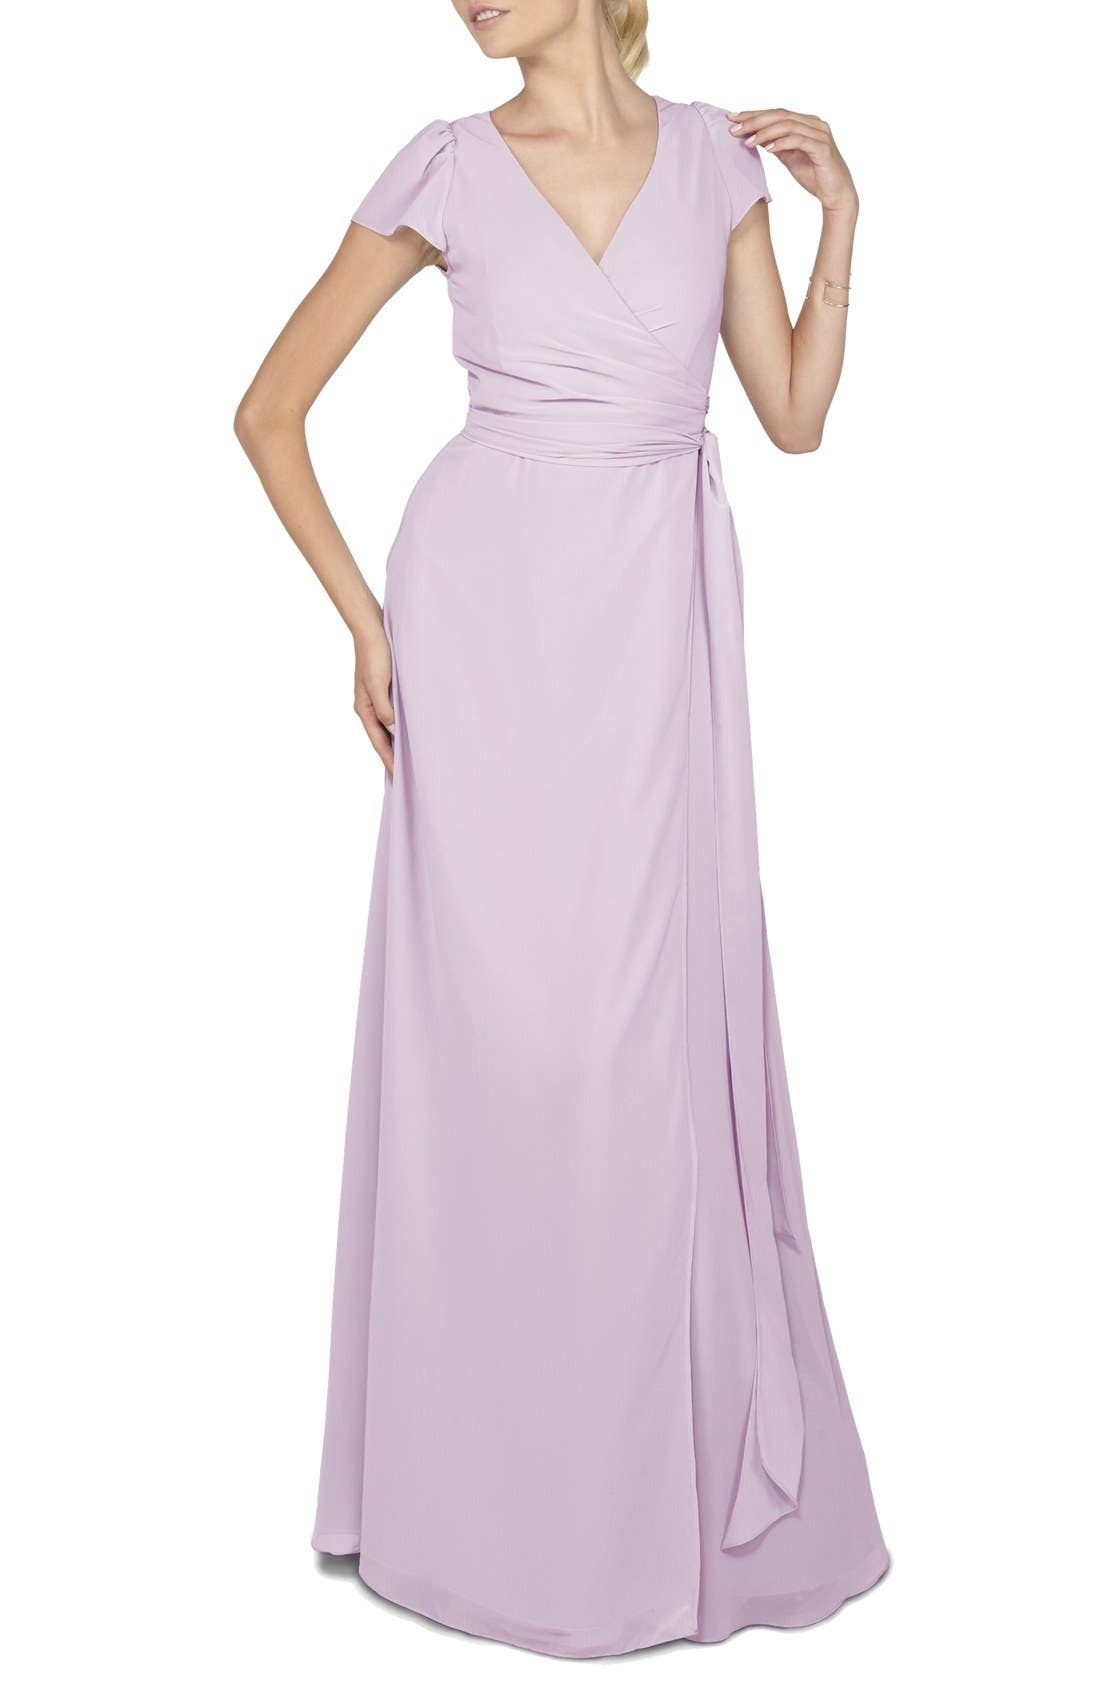 Aurele Cap Sleeve Chiffon Wrap Gown,                             Main thumbnail 3, color,